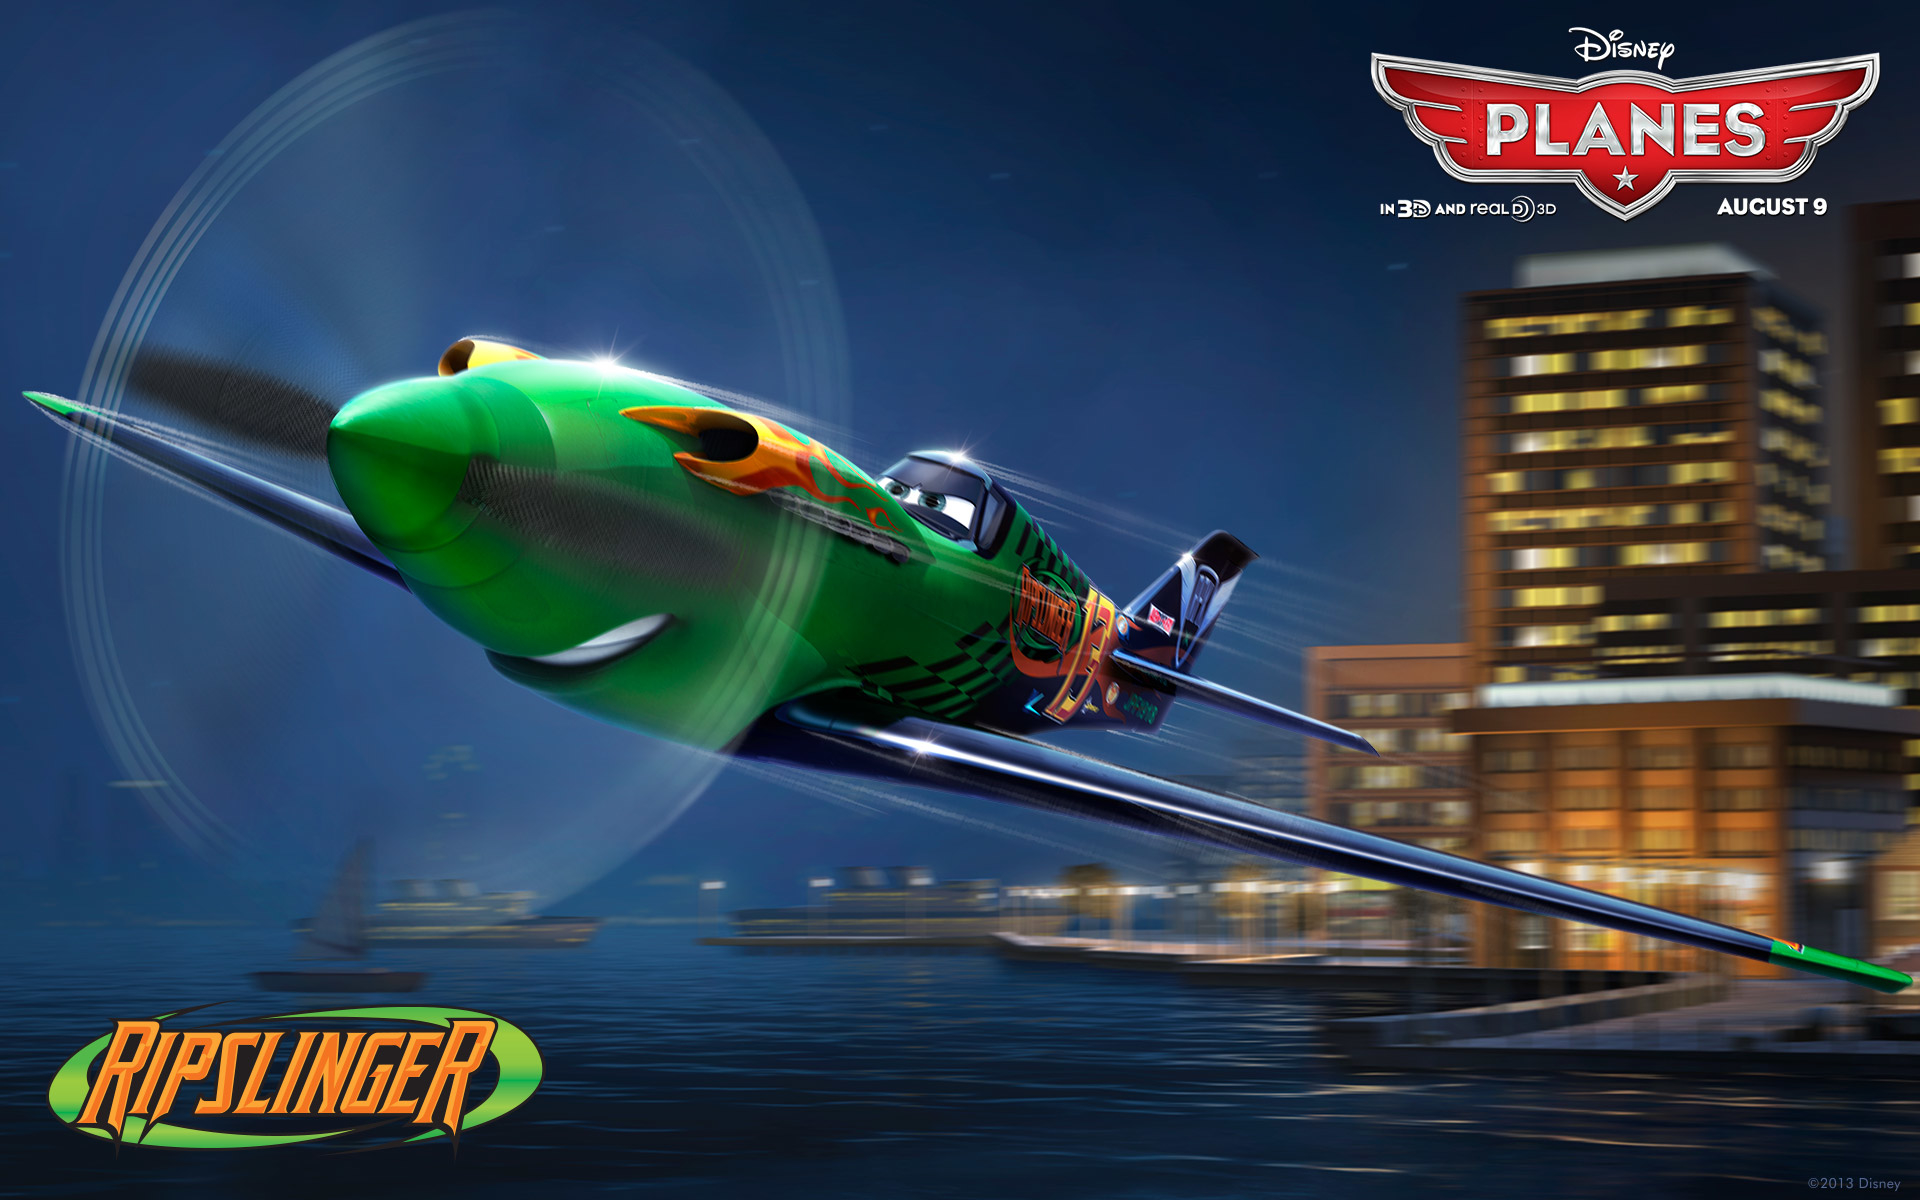 Cars De Disney Wallpapers Fondos De Pantalla De Aviones Disney Pixar Wallpapers